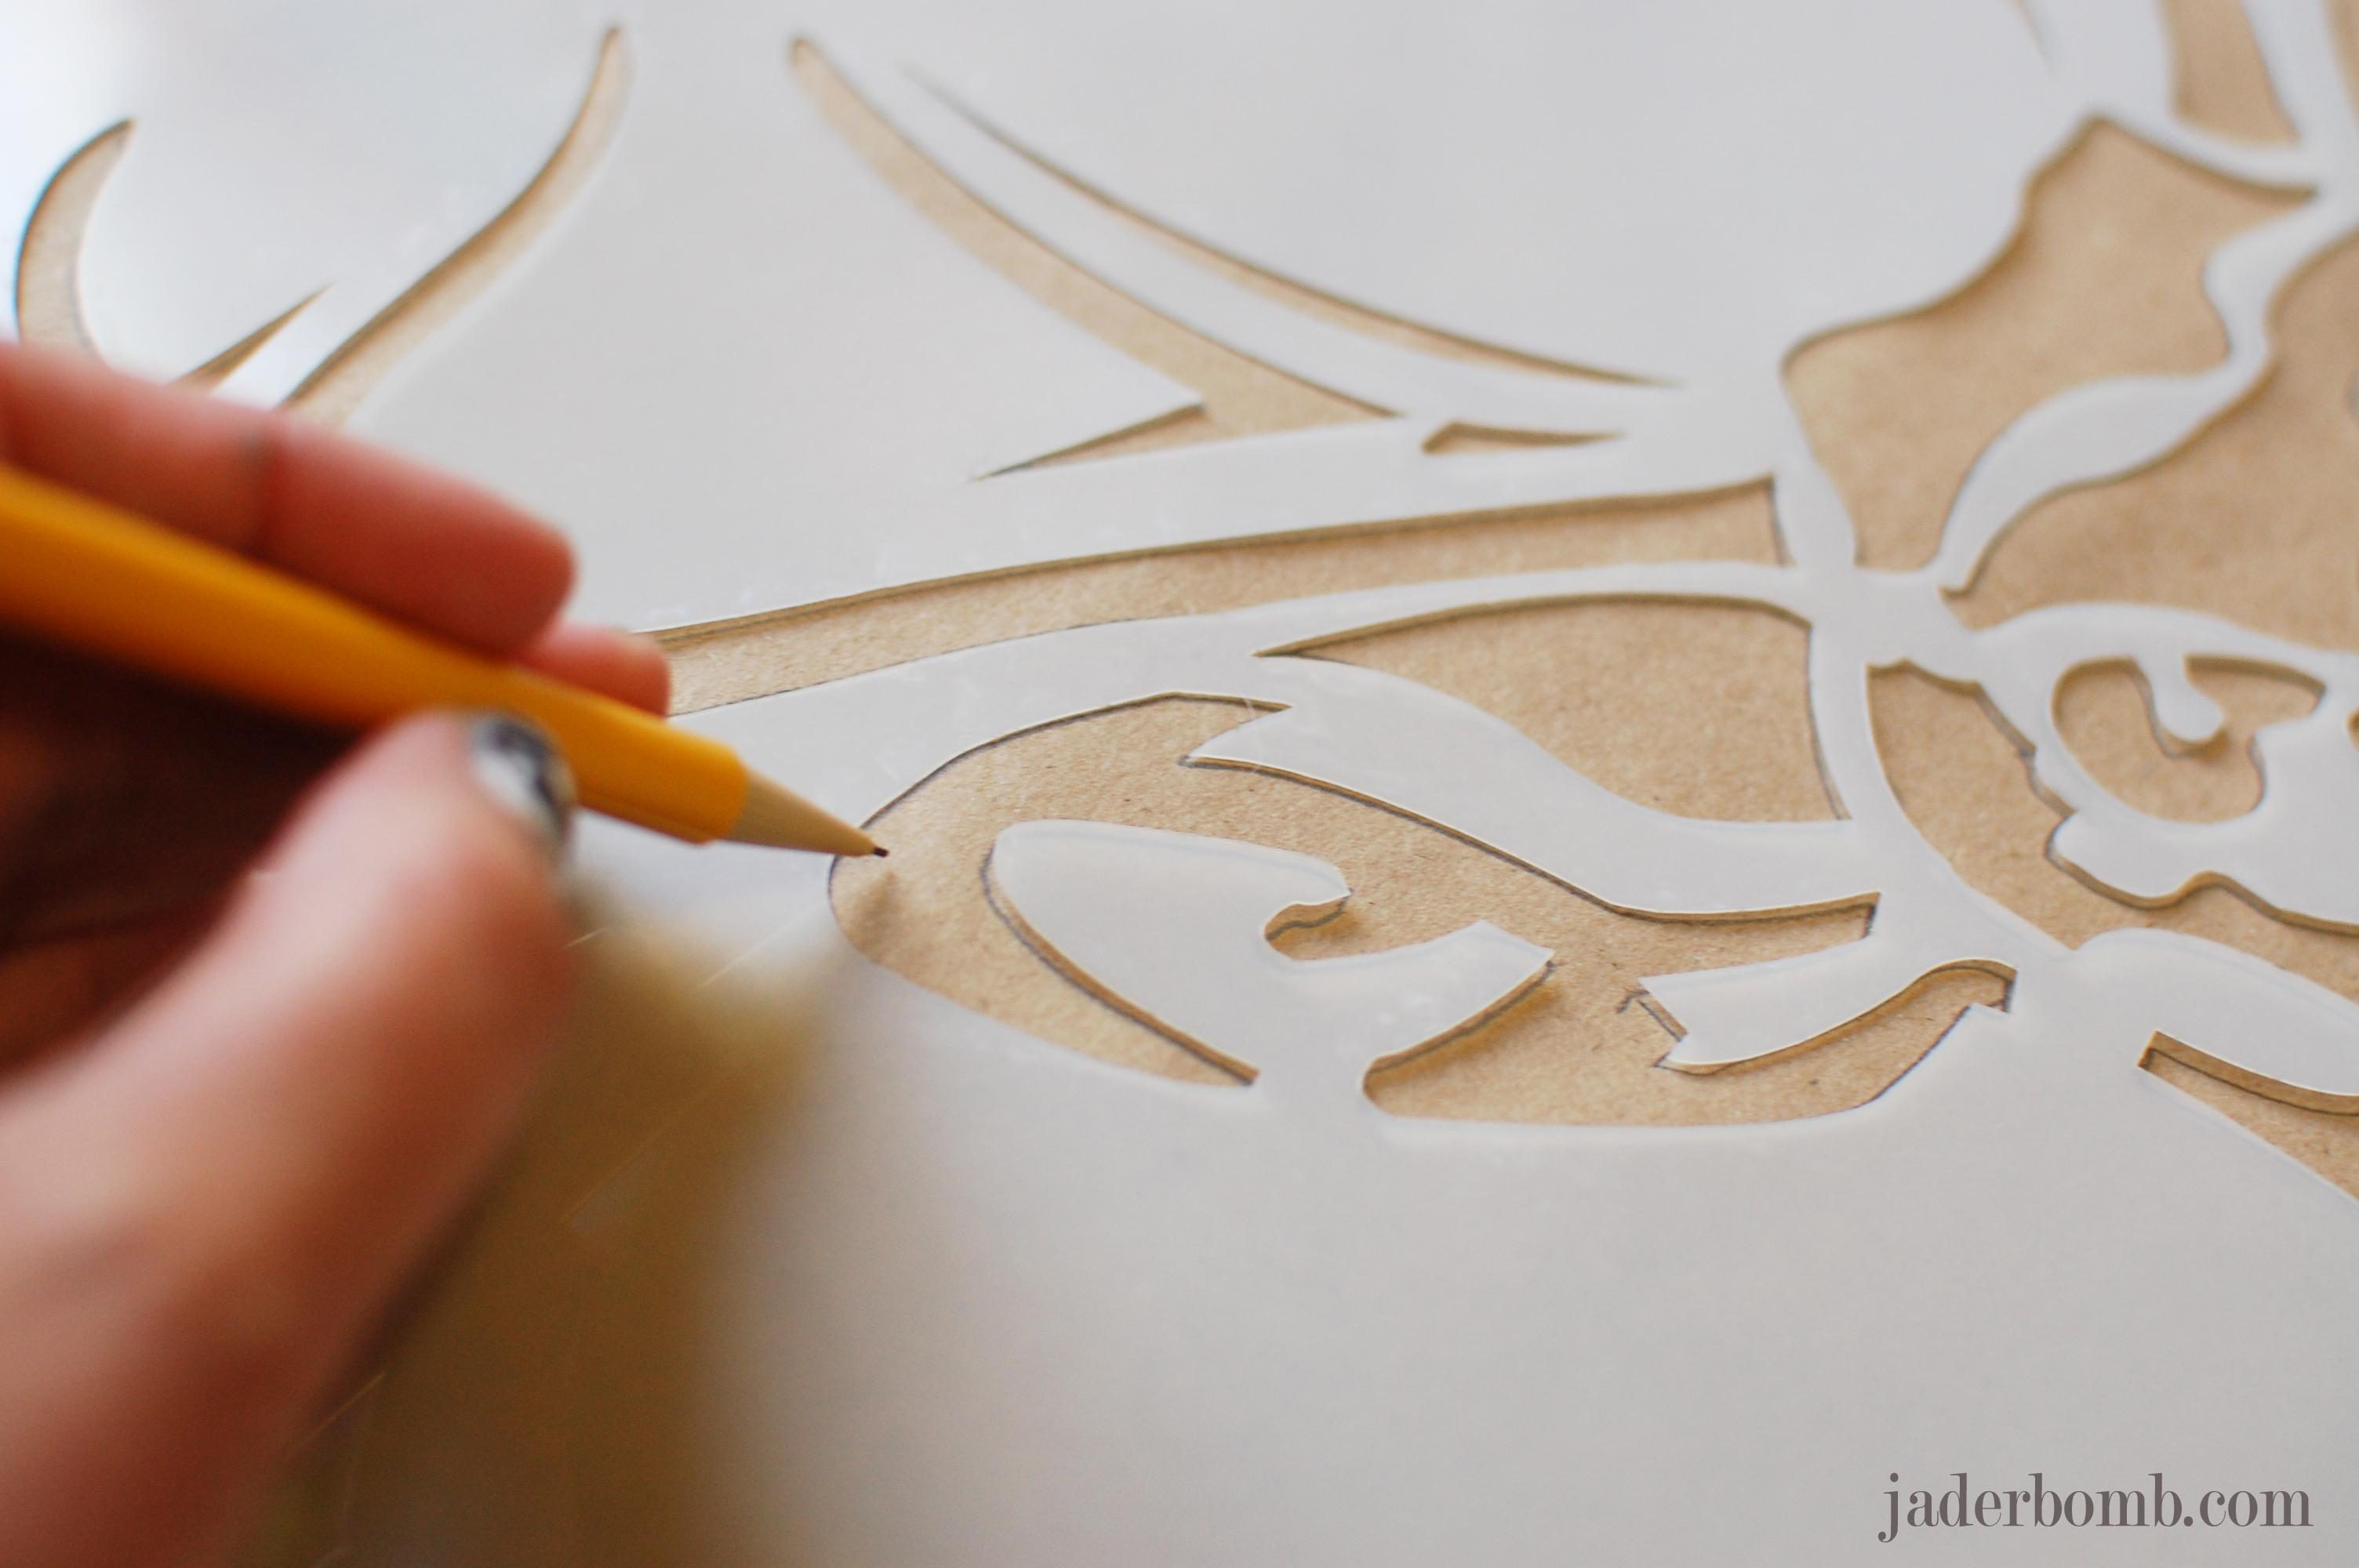 Yarn BOMB a stencil- Stencil 1 - JADERBOMB